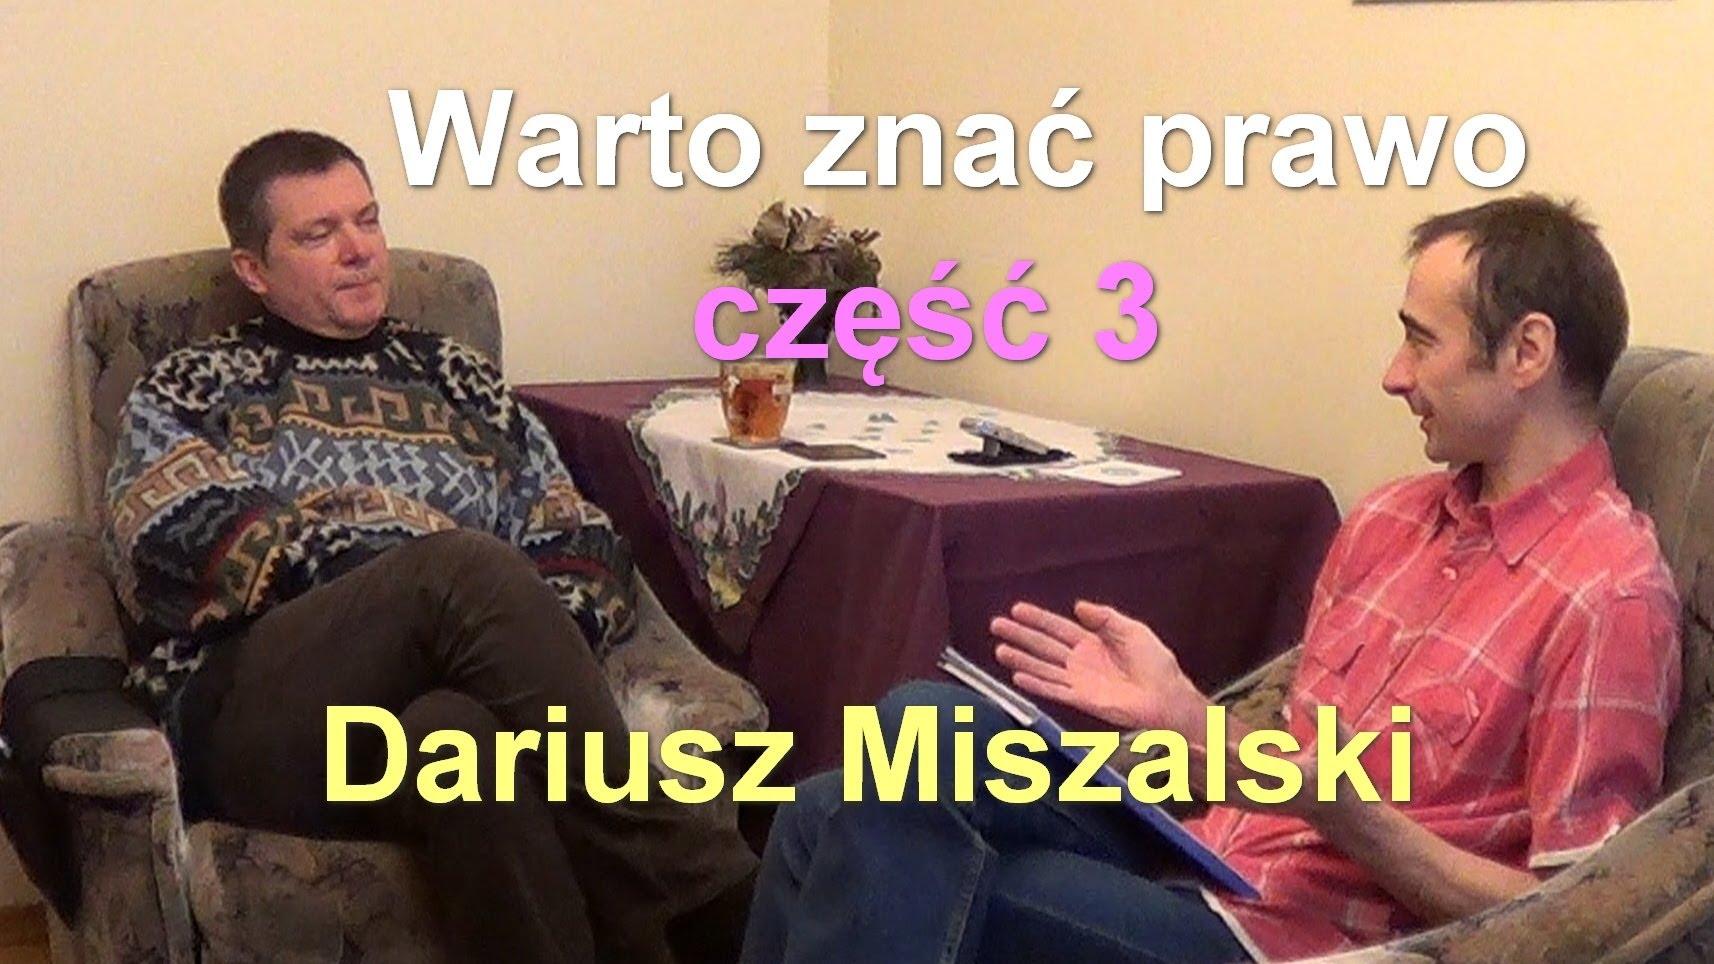 Warto znać prawo, część 3 – Dariusz Miszalski